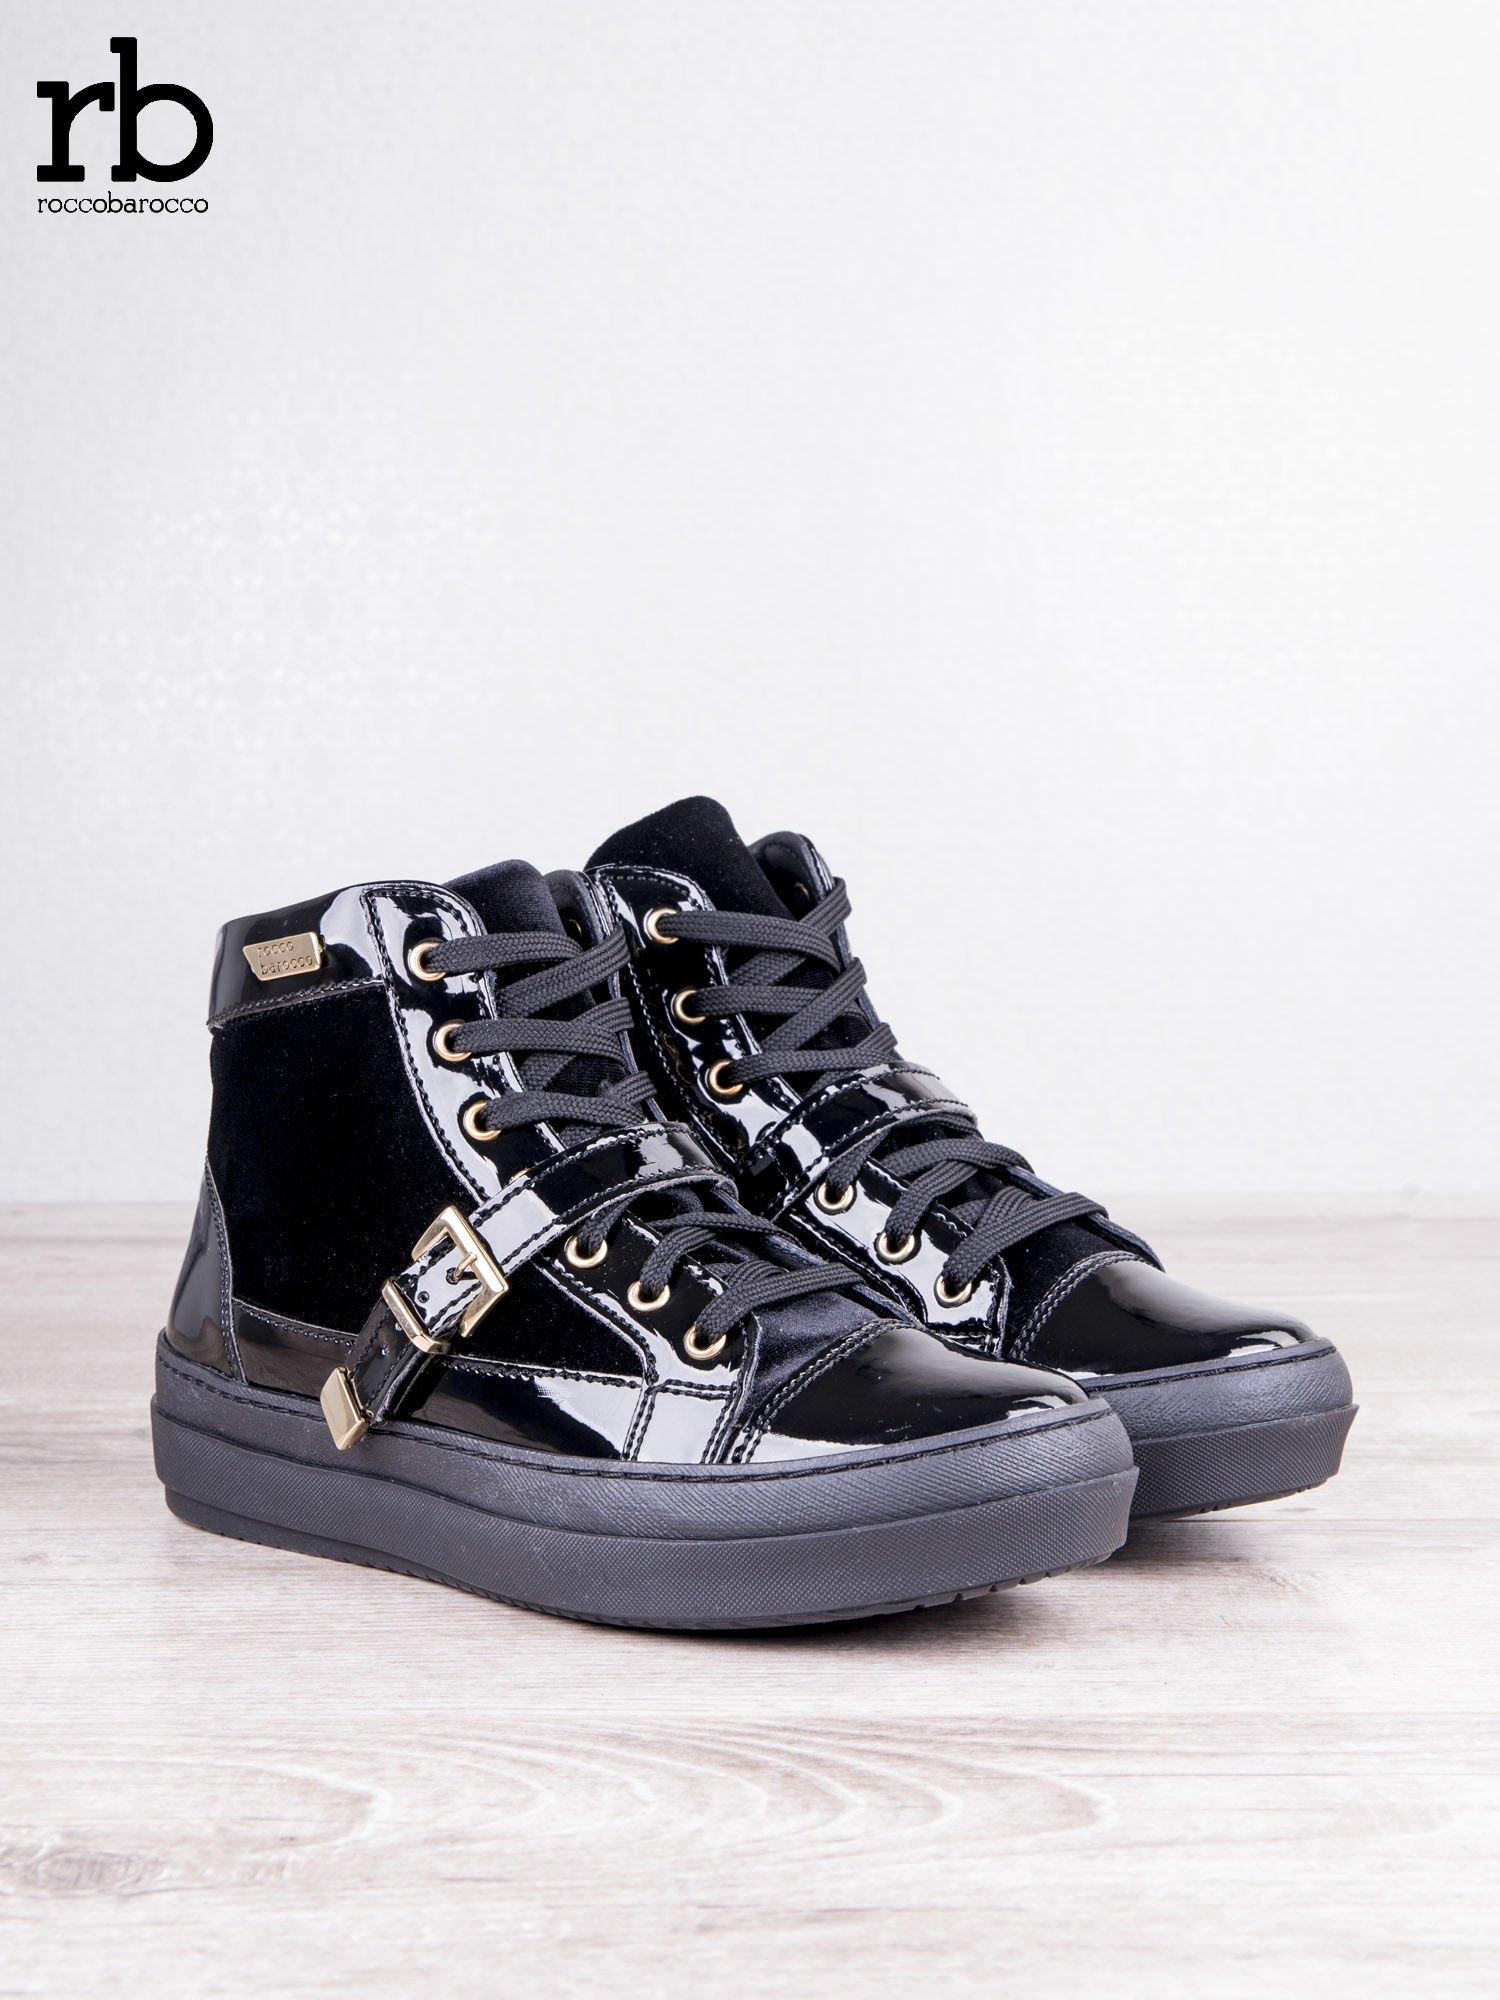 ROCCOBAROCCO czarne welurowe sneakersy na pasek ze złotymi sprzączkami i lakierowanymi wstawkami                                  zdj.                                  2